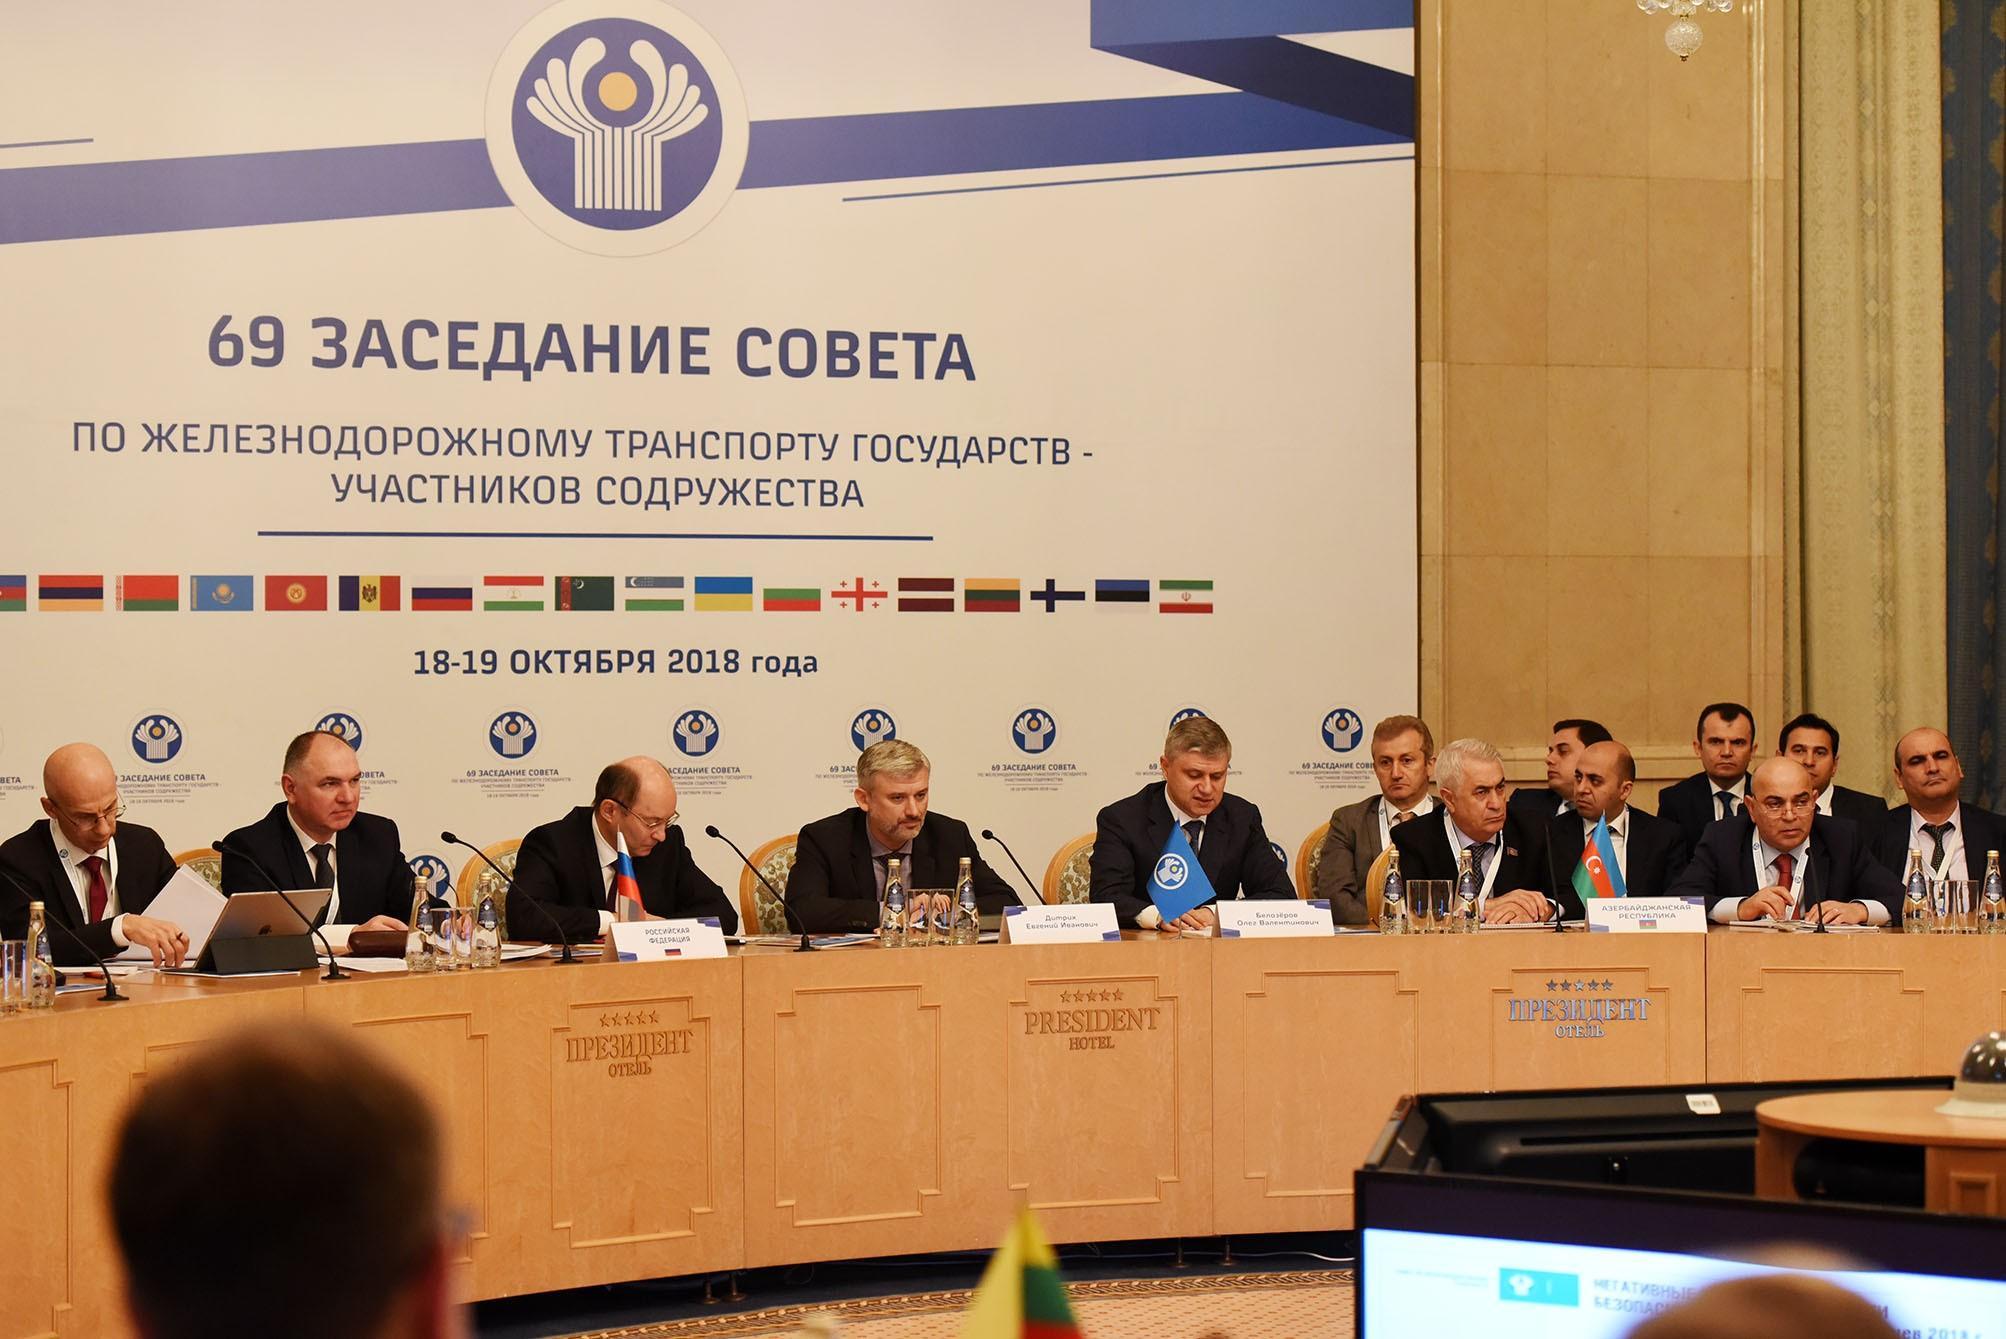 В Москве состоялось заседание Совета по железнодорожному транспорту стран СНГ и Балтии